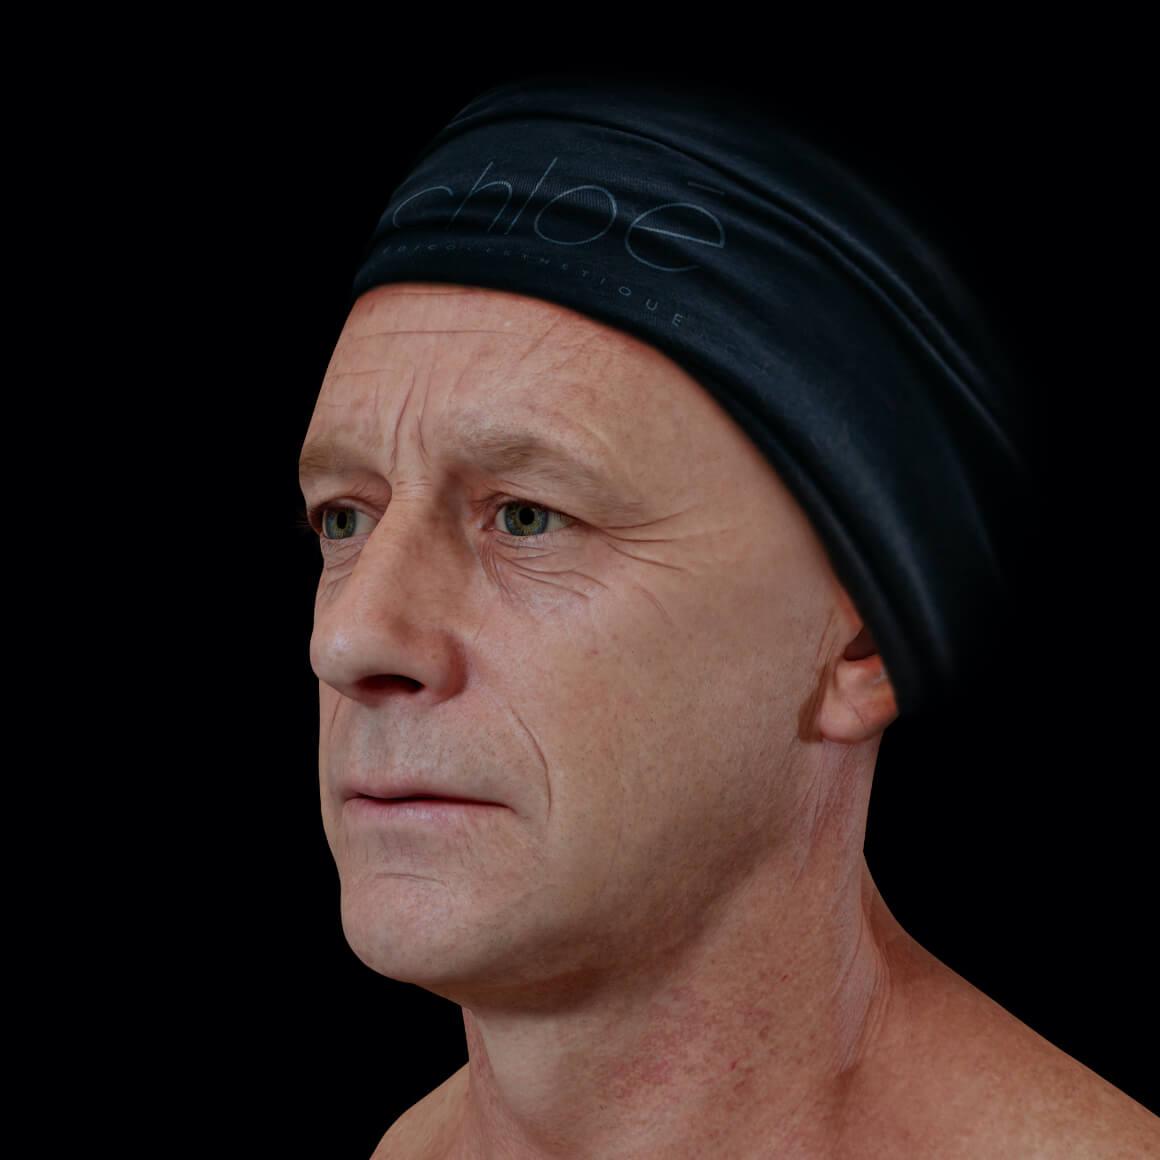 Patient de la Clinique Chloé positionné en angle ayant rides et ridules au niveau du visage et une glabelle prononcée